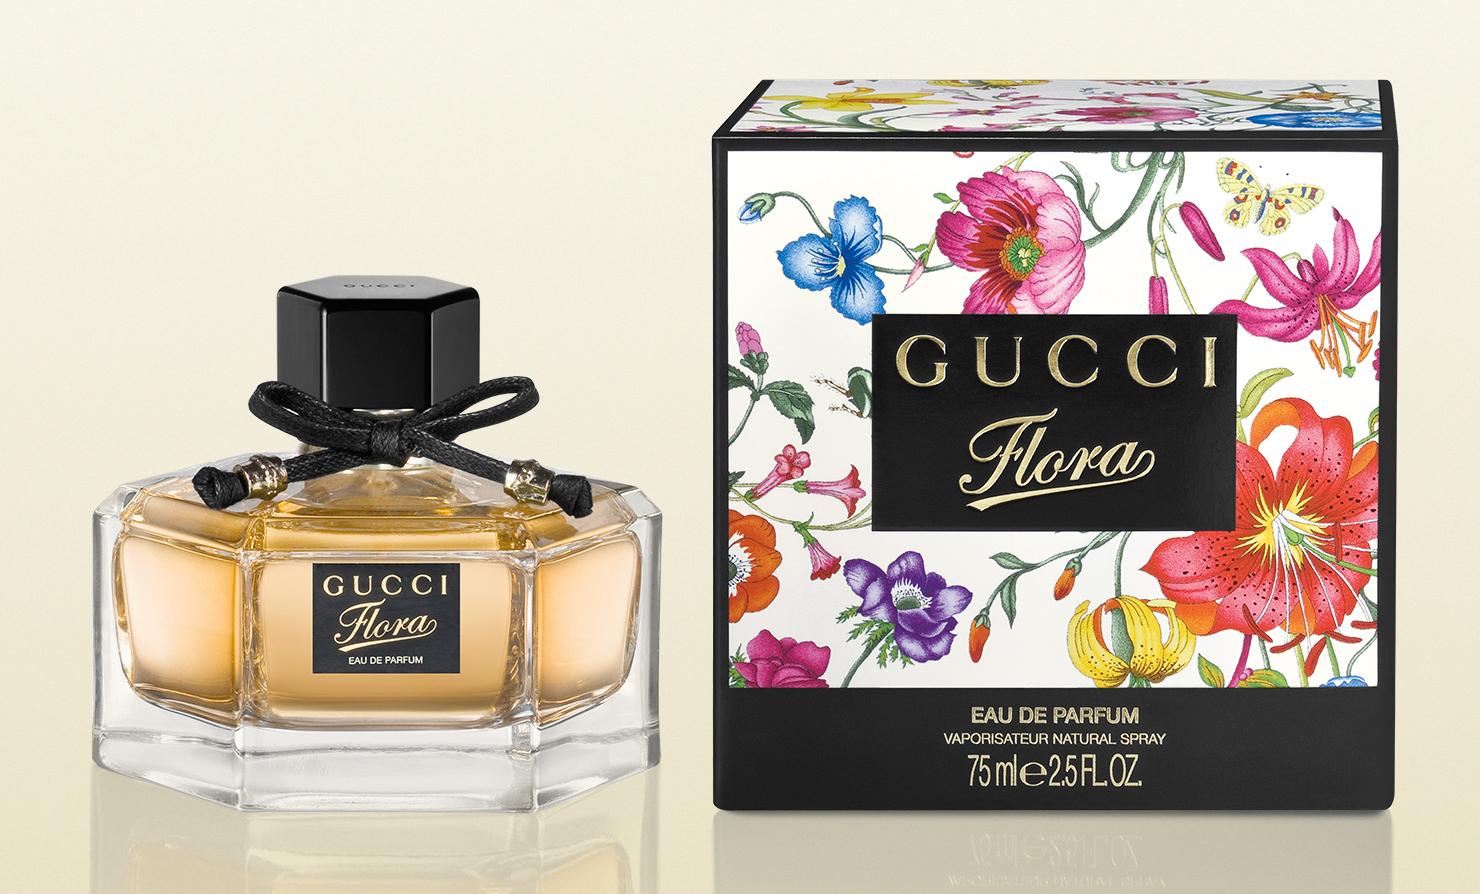 flora by gucci eau de parfum gucci perfume a fragrance. Black Bedroom Furniture Sets. Home Design Ideas